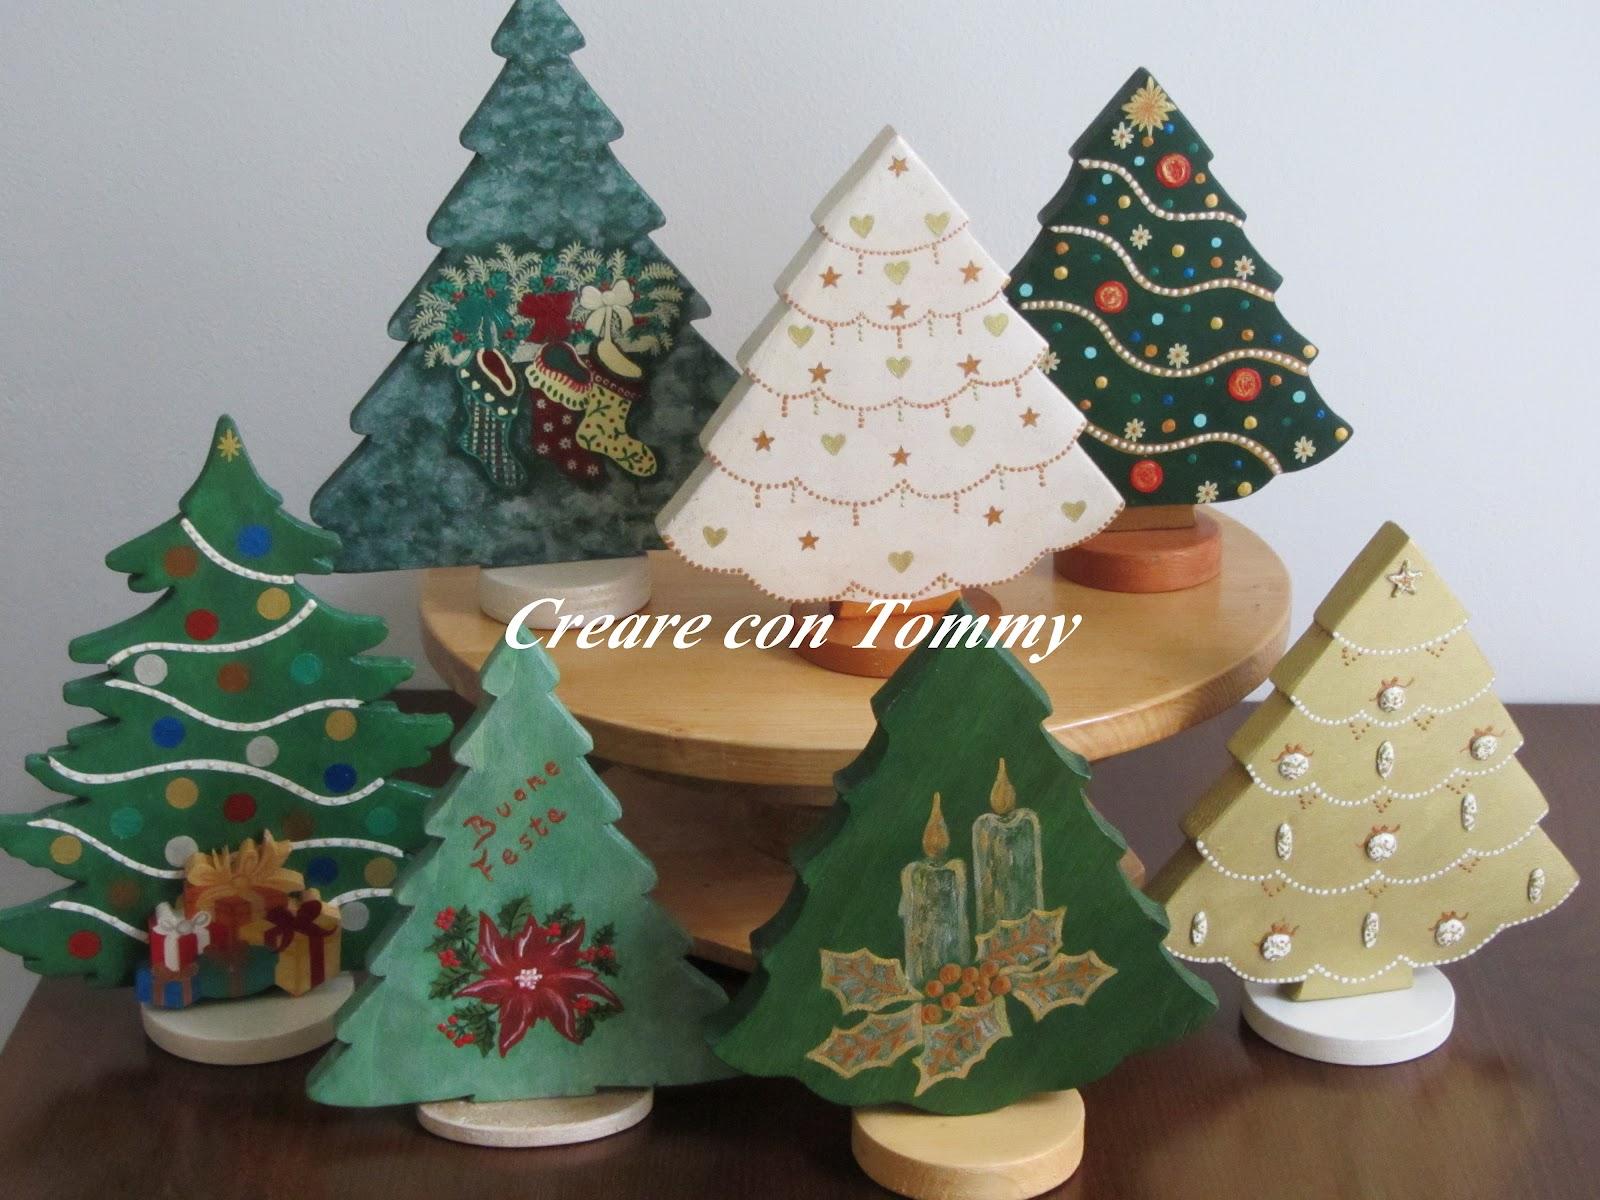 Creare con tommy alberi di natale in legno prima parte - Decorazioni natalizie fatte a mano per bambini ...